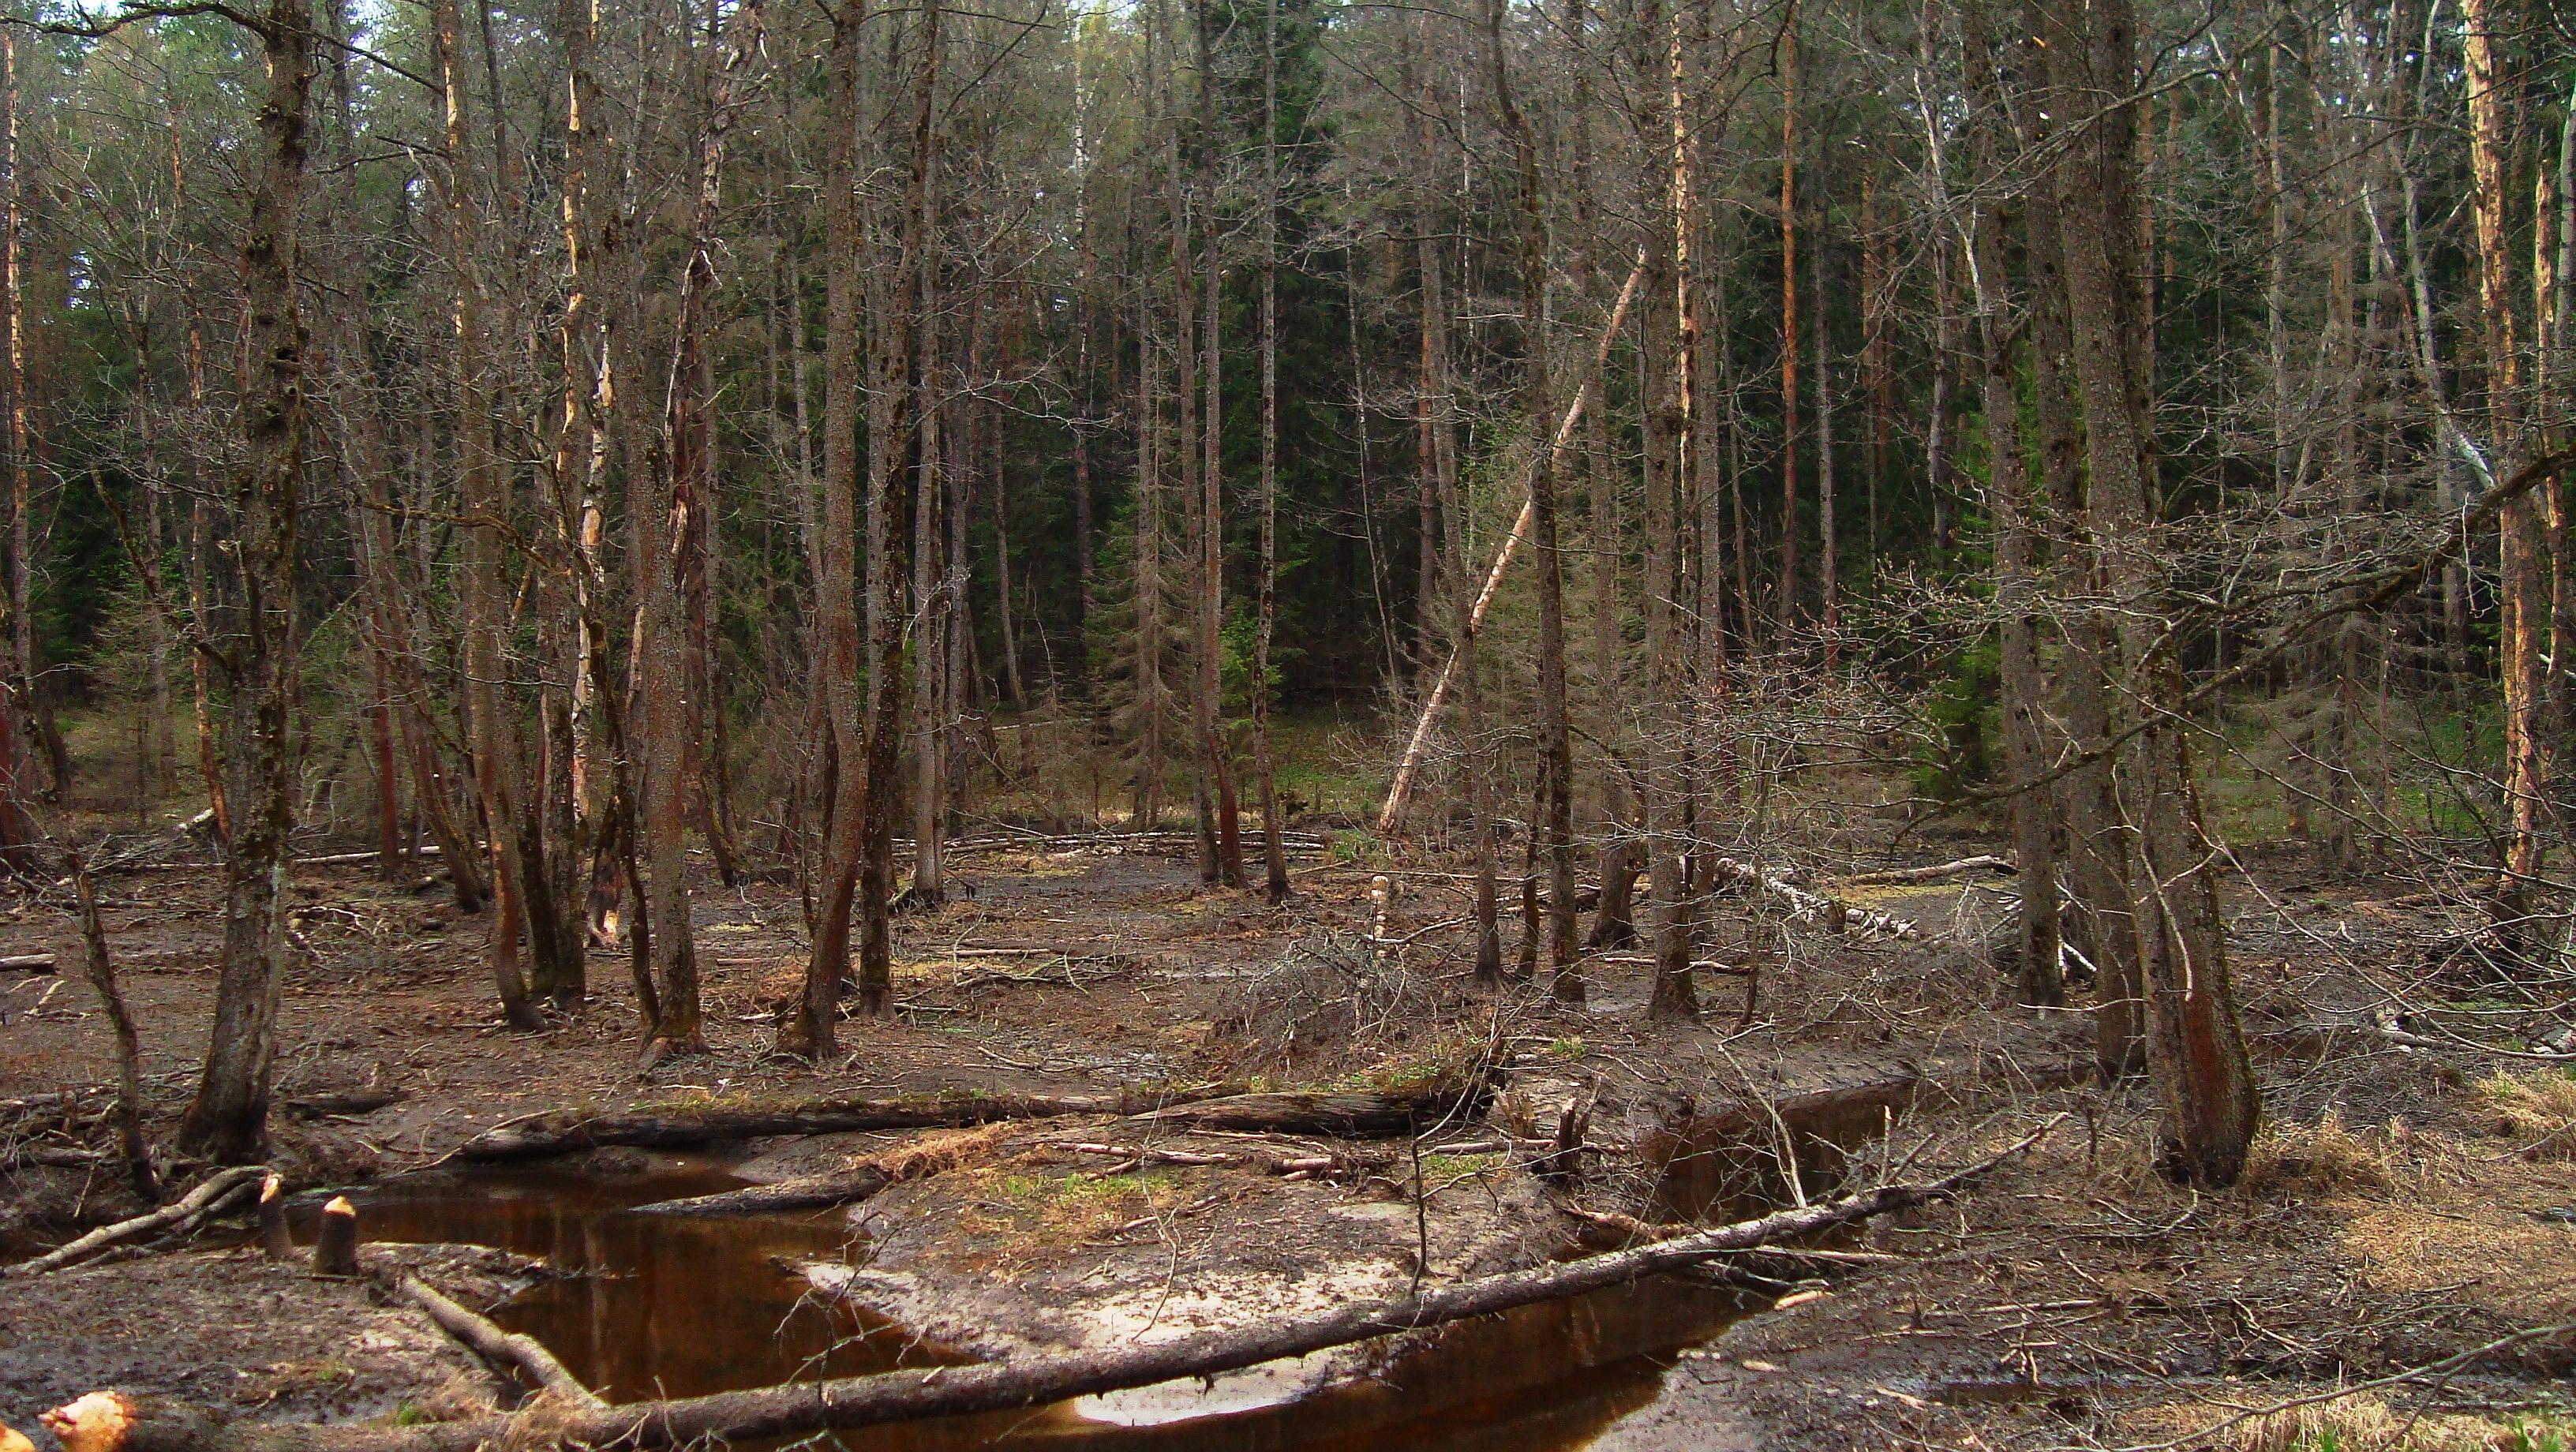 119536 скачать обои Природа, Лес, Река, Деревья, Голые, Уныние, Серость, Осень, Холод, Сырость - заставки и картинки бесплатно